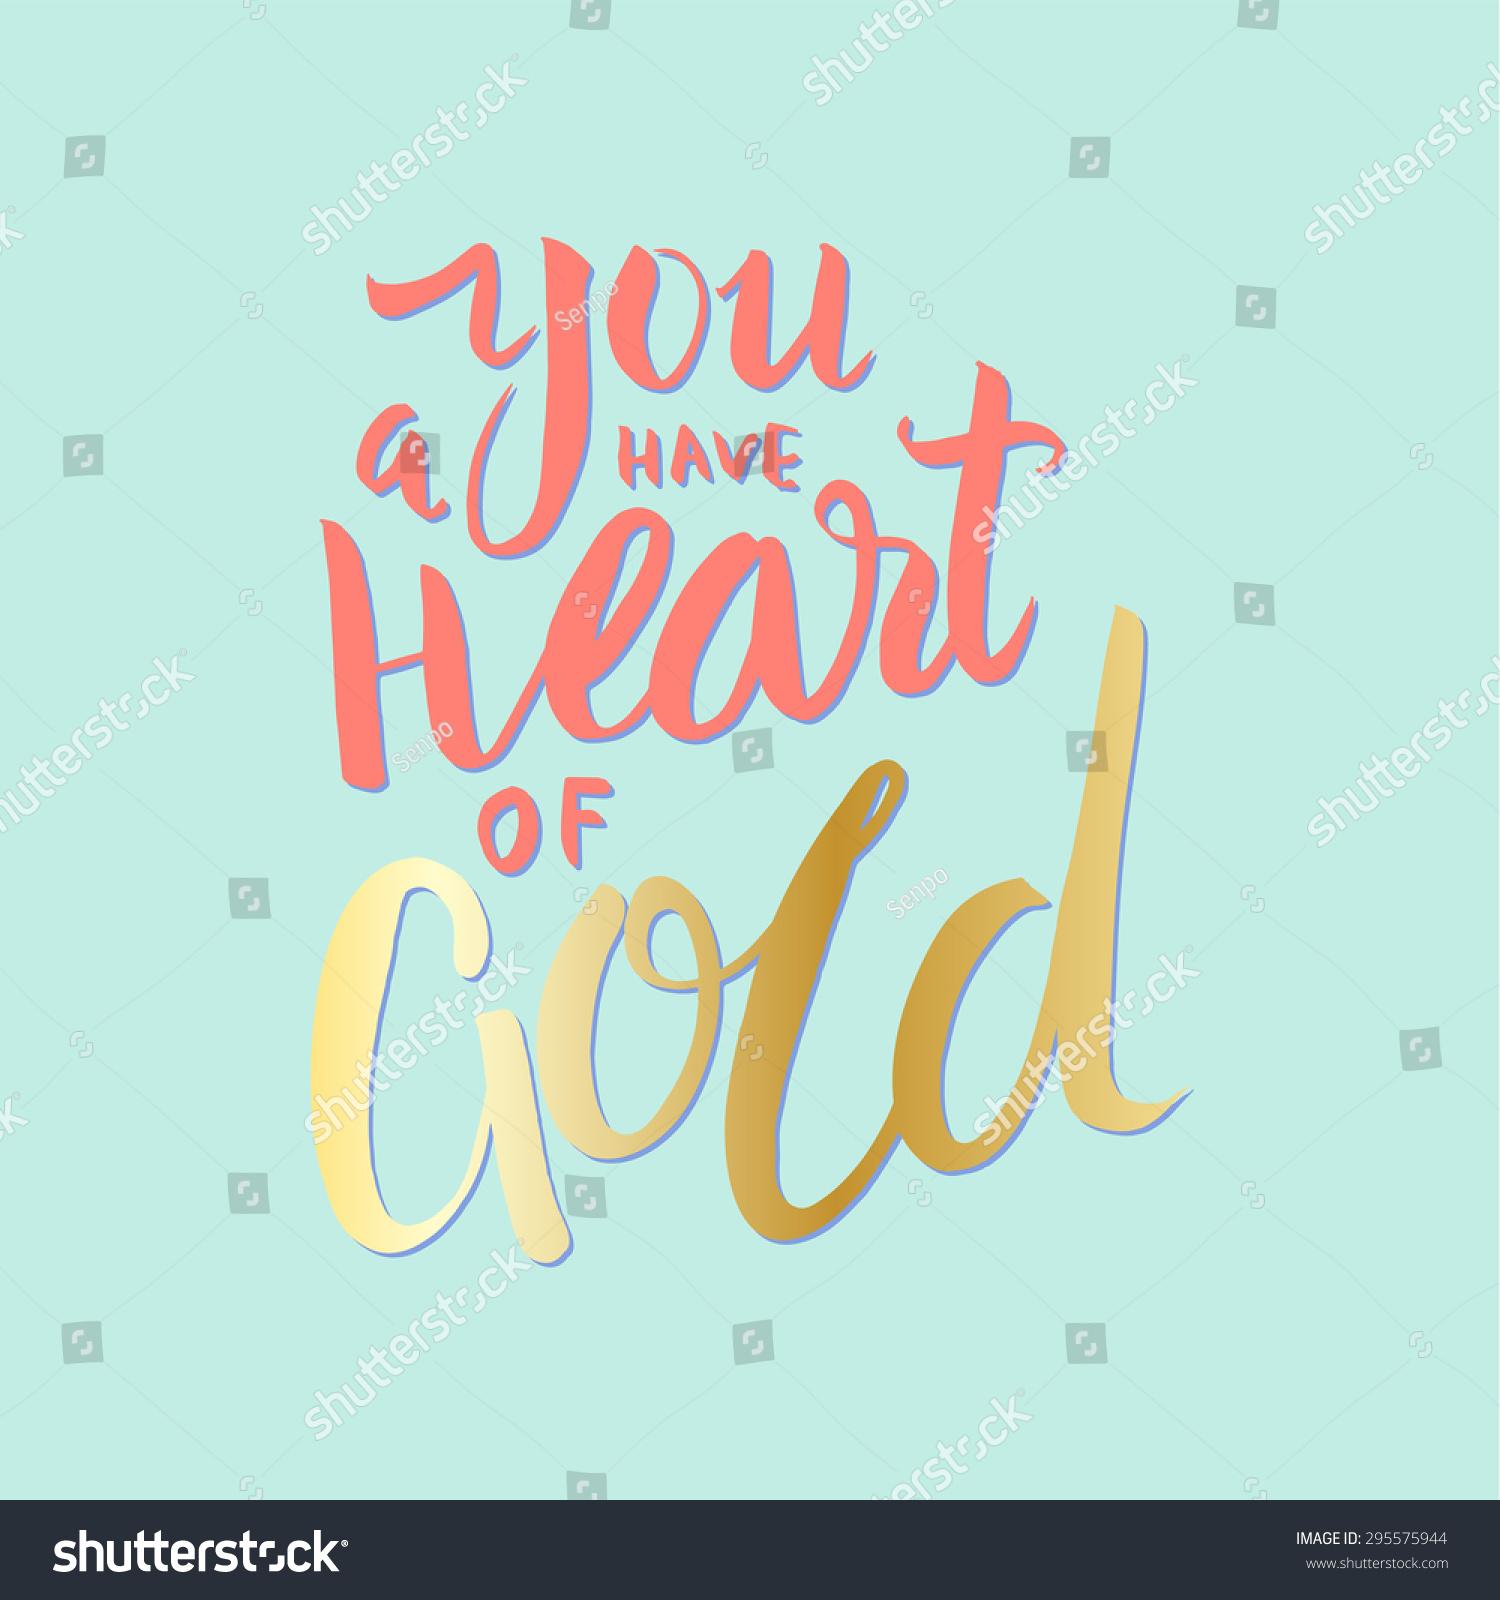 你有颗金子般的心.手绘字体.复古风格